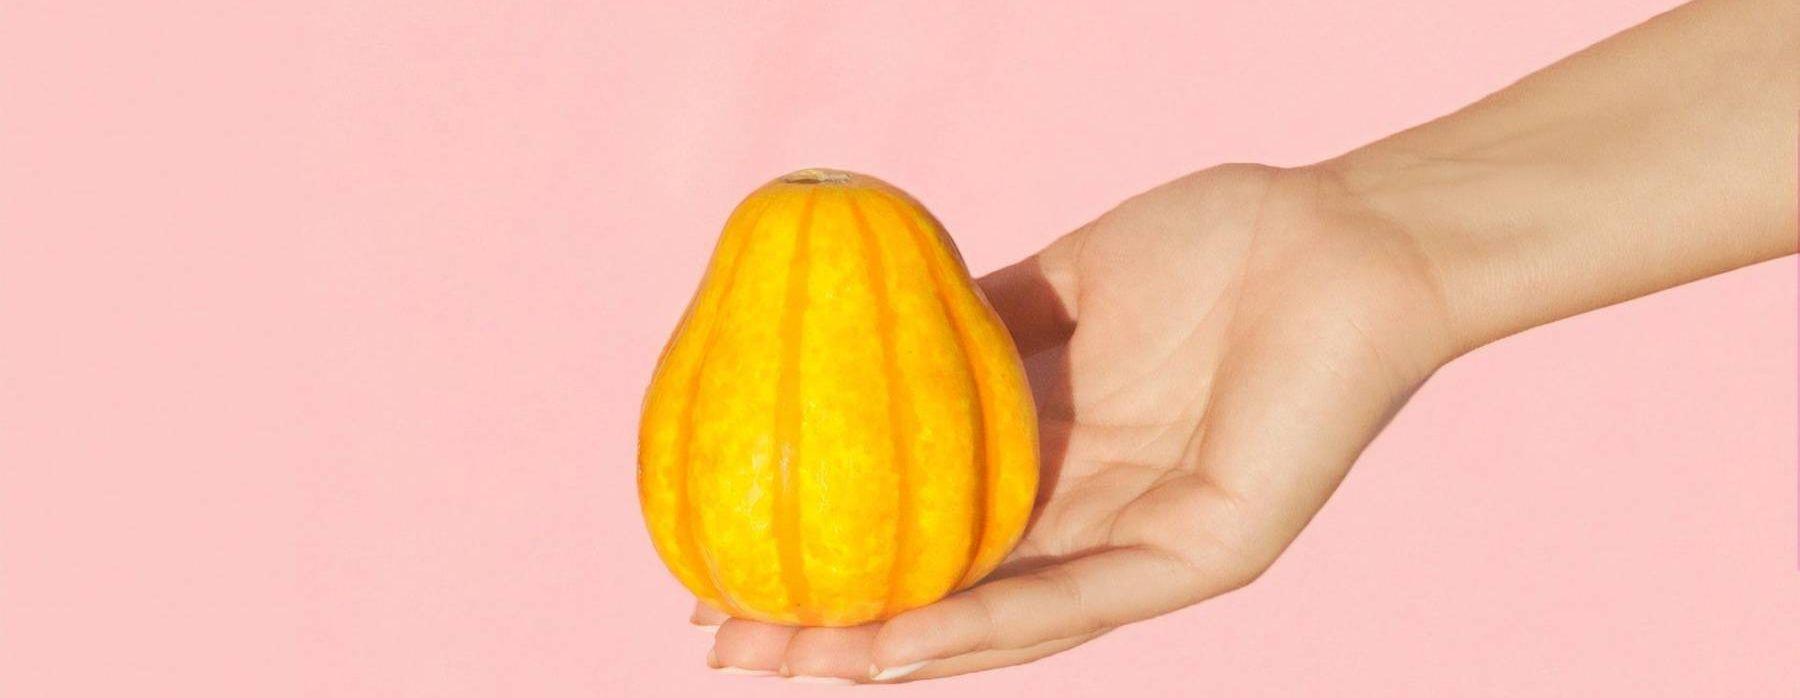 Cacao puro: propiedades y beneficios para la salud - Featured image